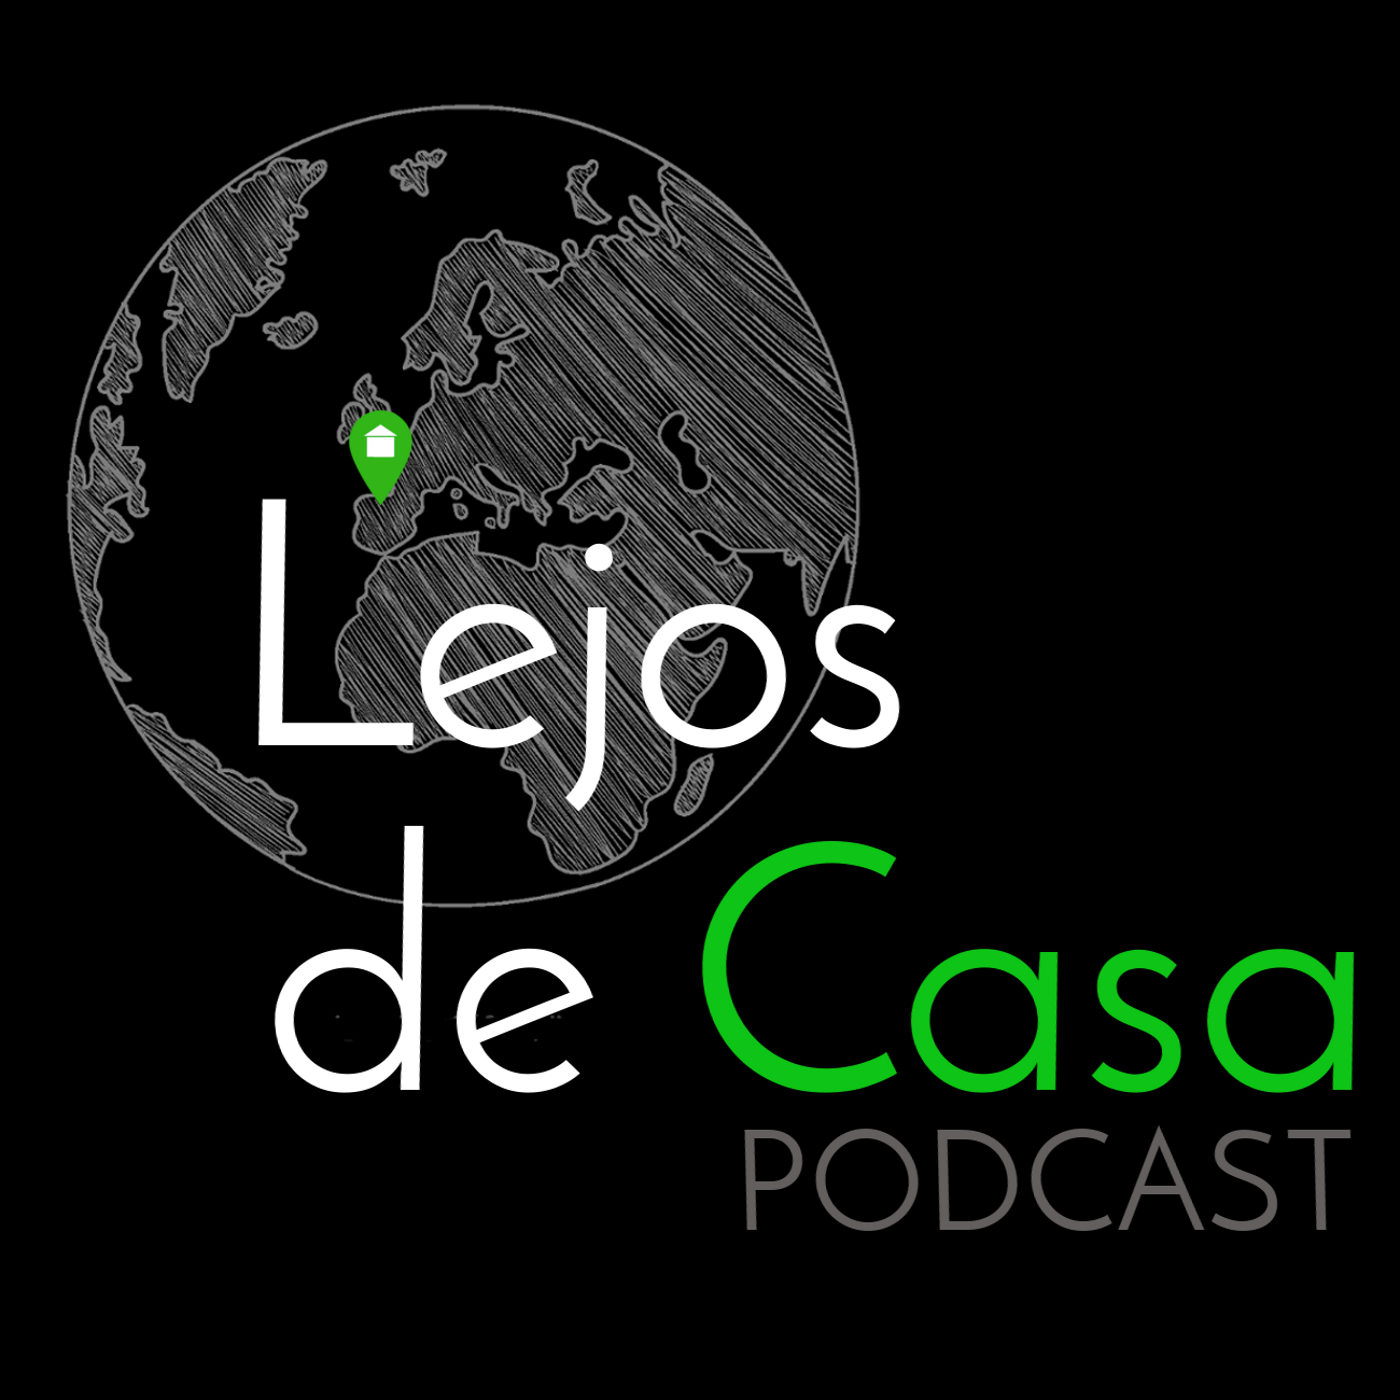 Logo de Lejos de casa